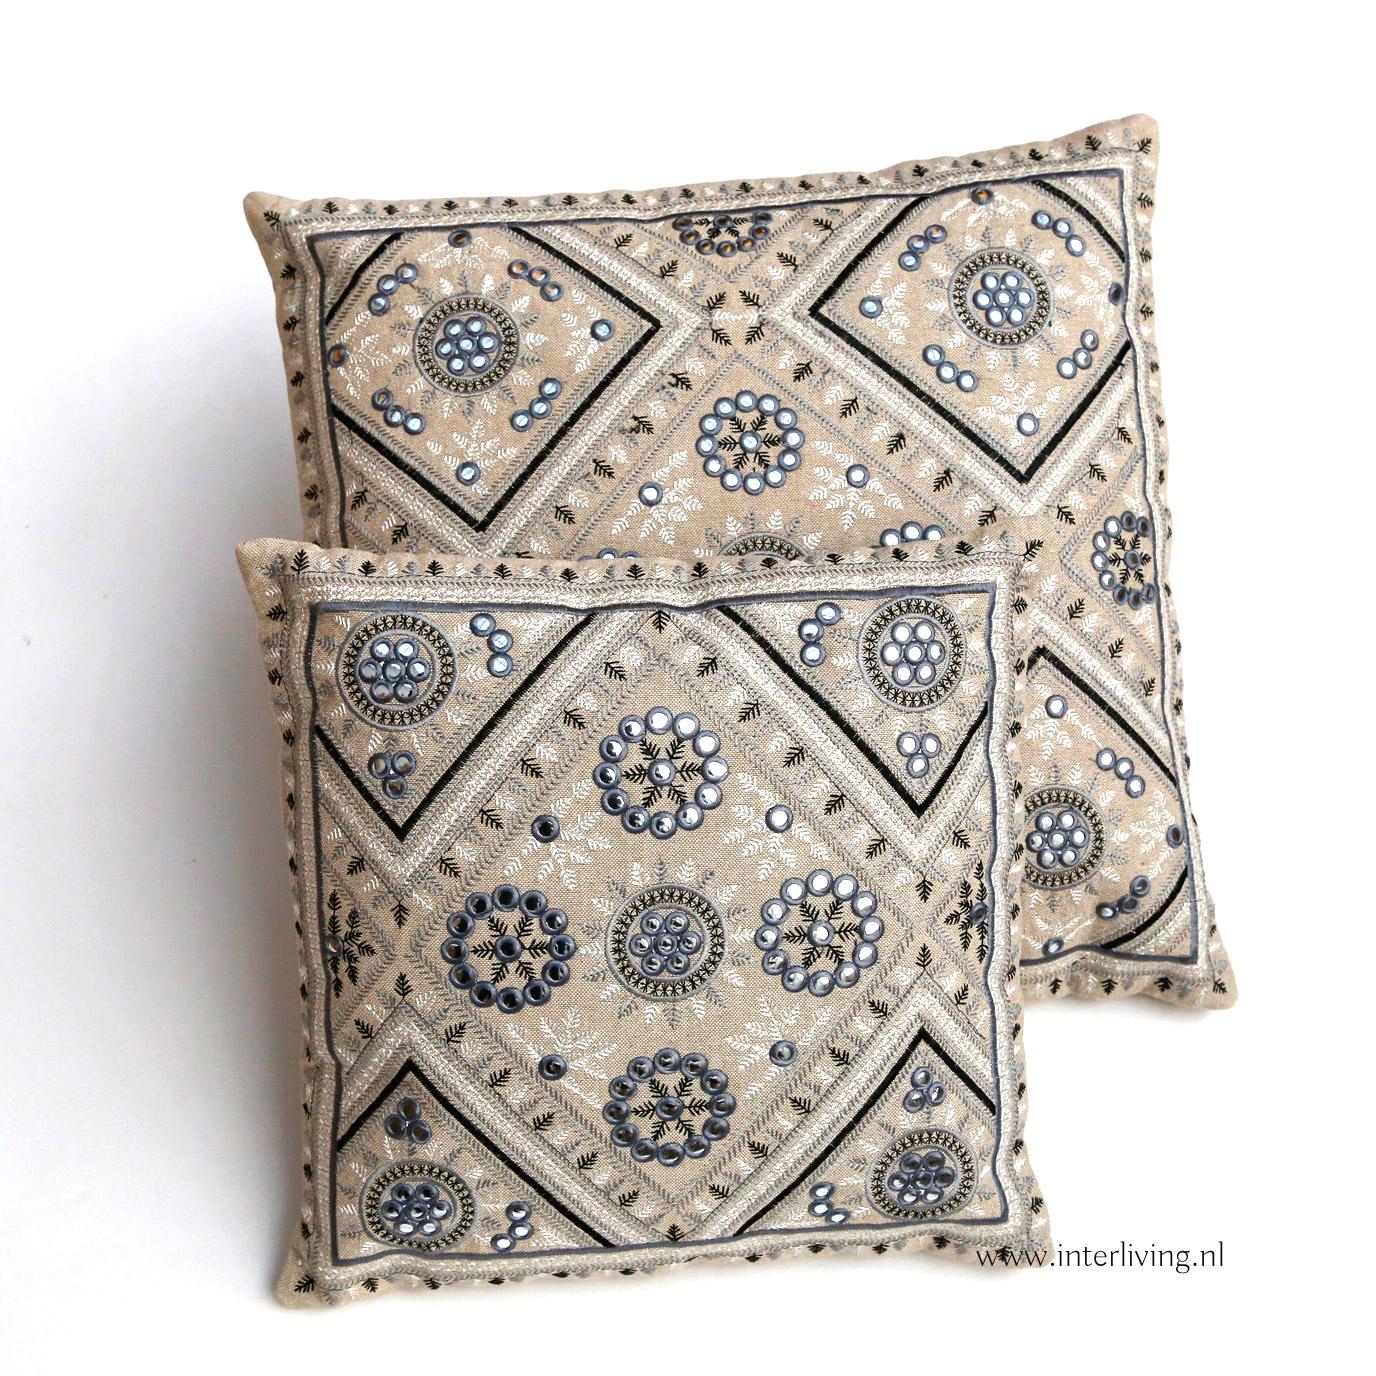 kussen met zilverkleurige bloemen en grafische patronen - kleur ecru - zand en grijs- styling Boho Ibiza huis